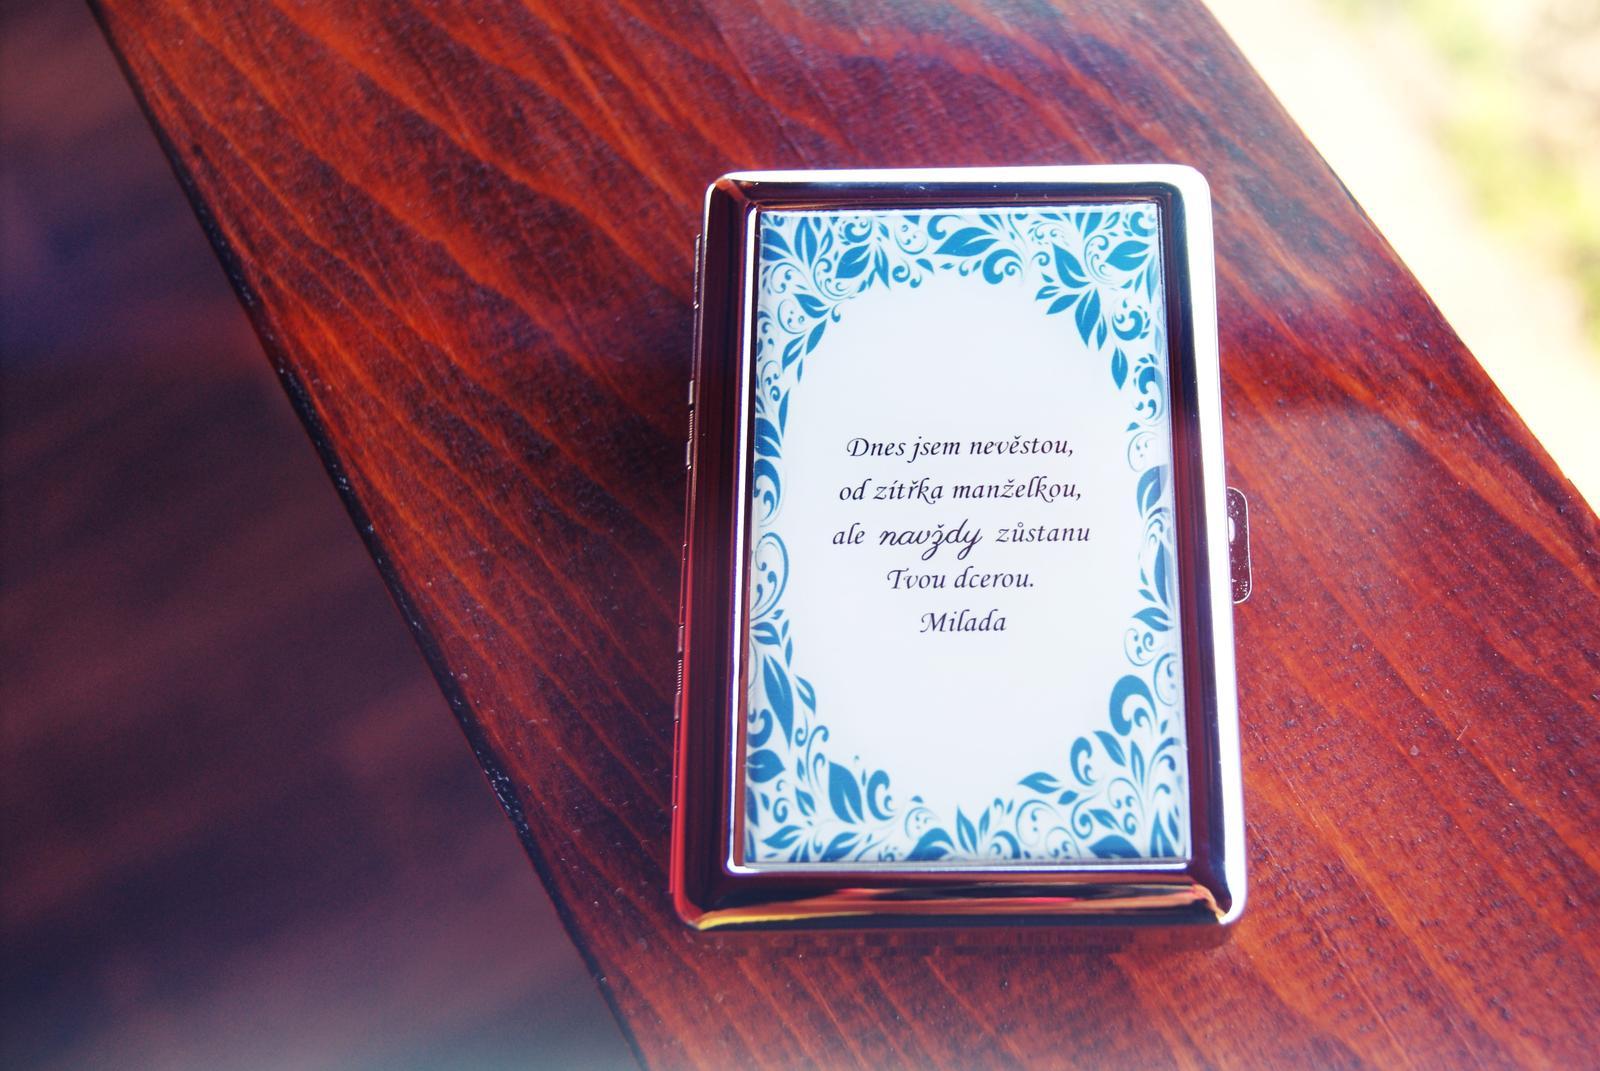 Svatby v druhé polovině roku 2016 - tabatěrka pro tatínka na 16ks cigaret